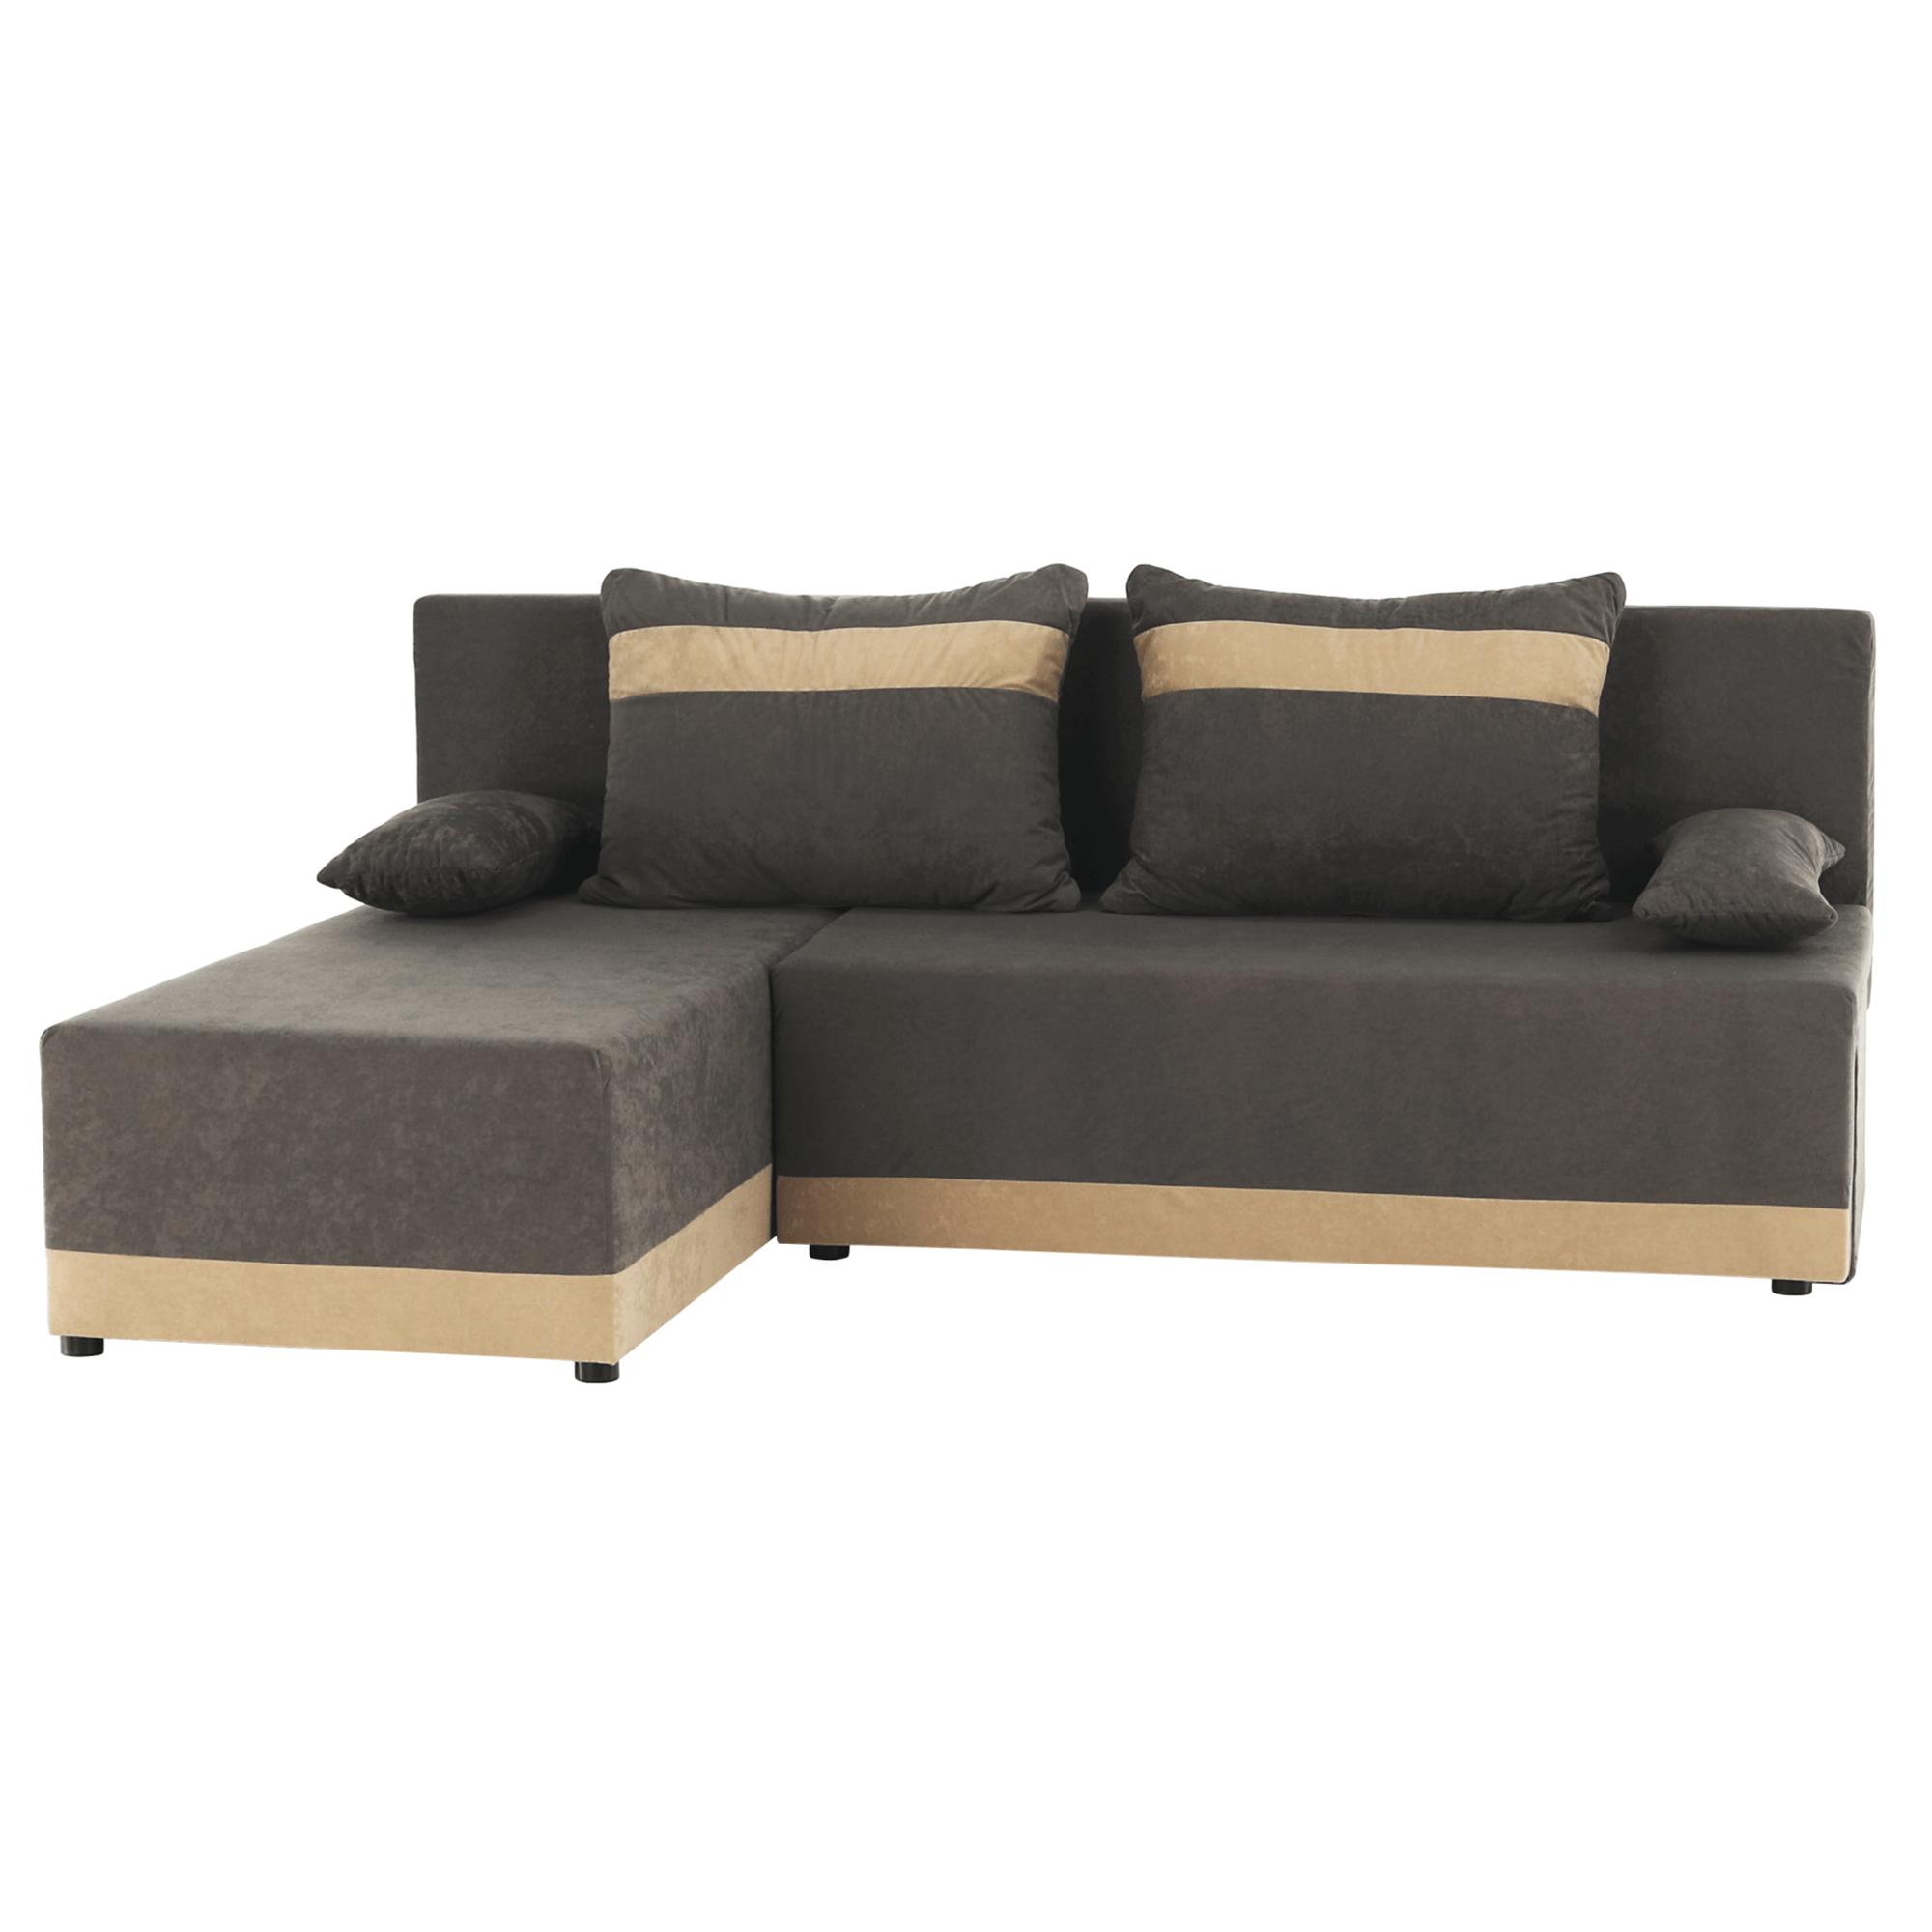 Univerzális ülőgarnitúra, szürke/bézs, ROMAND